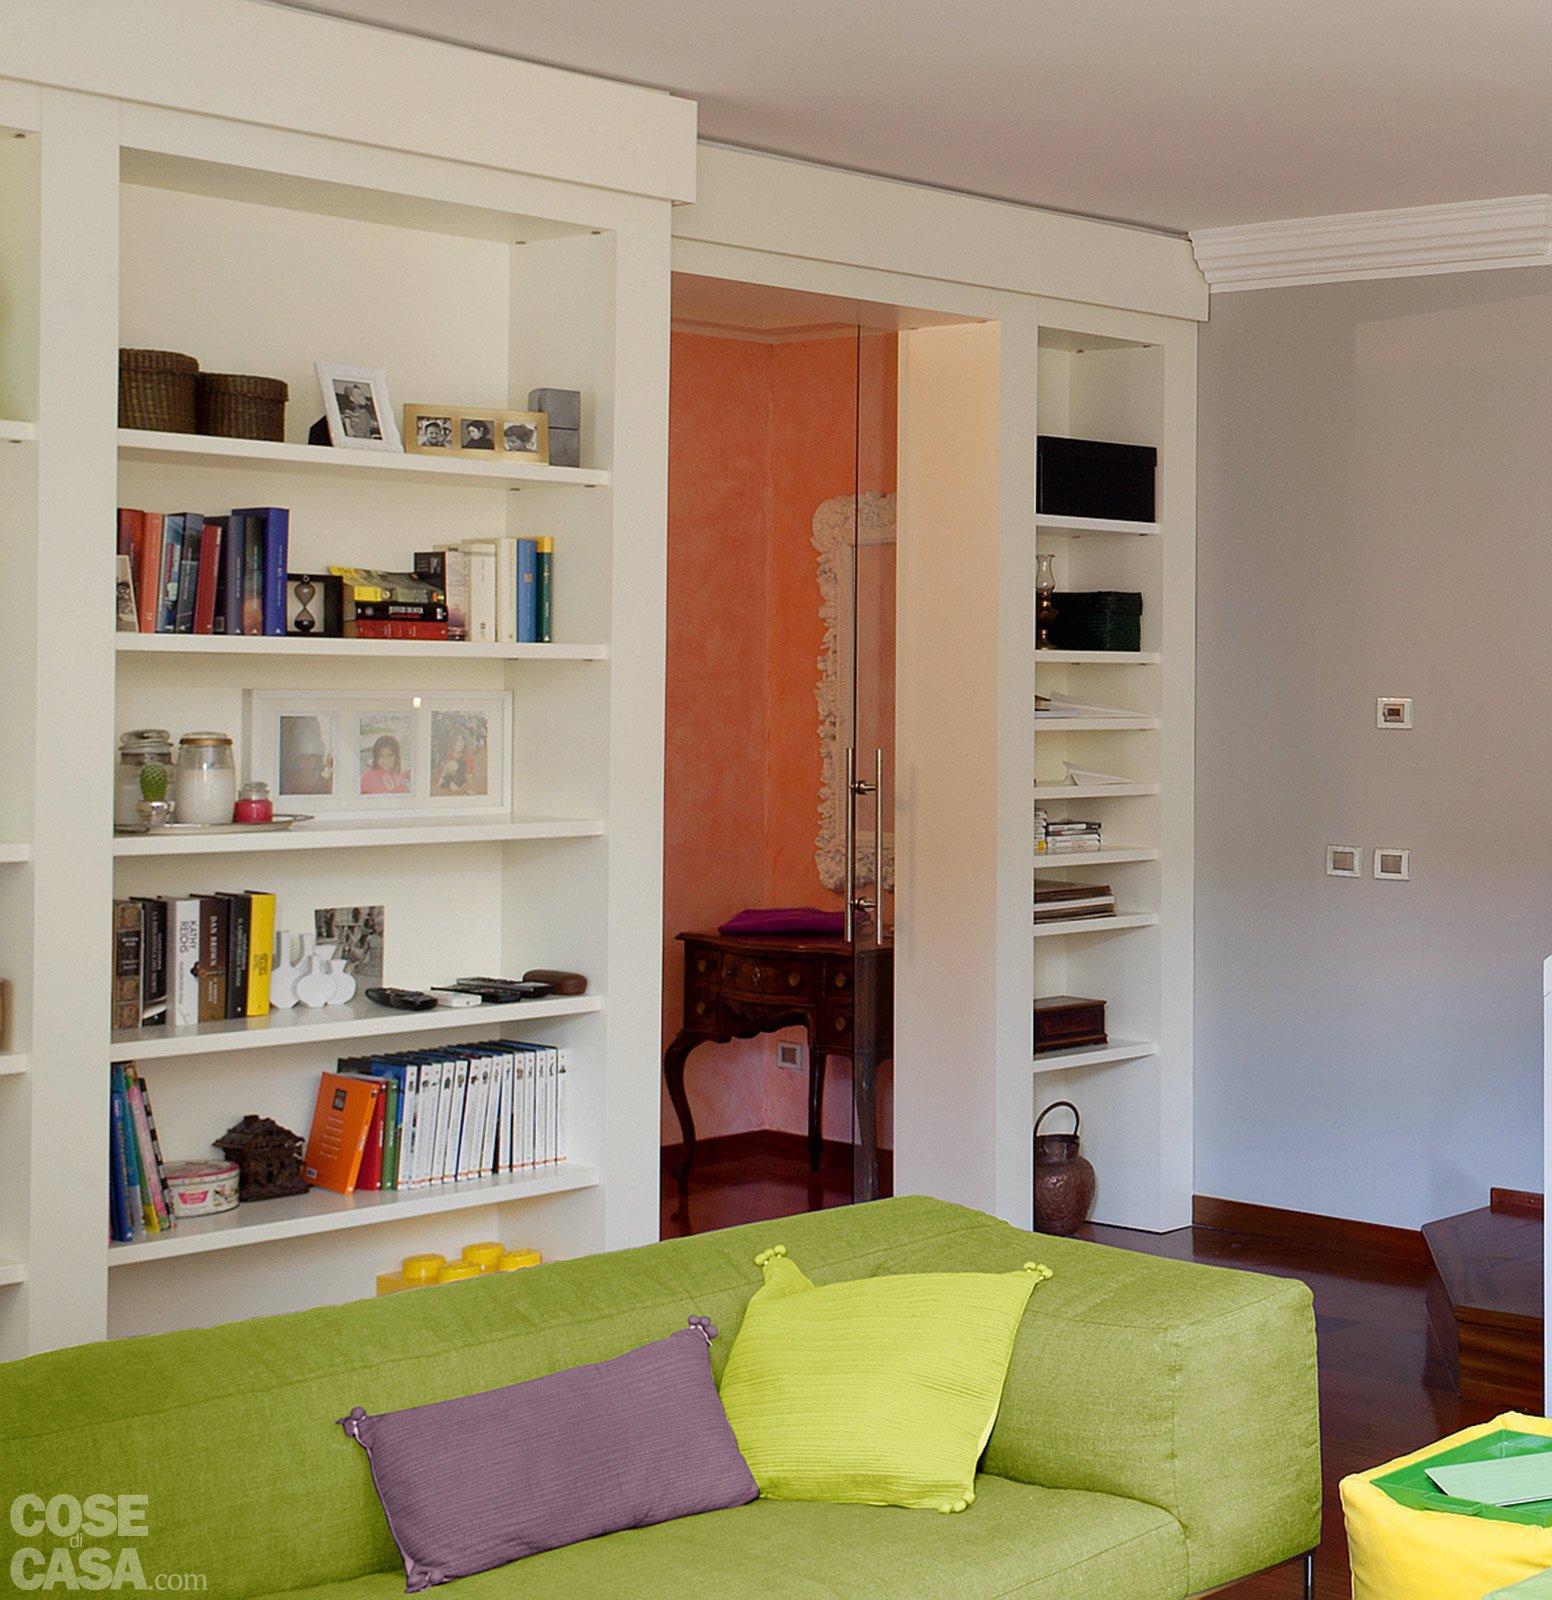 Una casa con vani a scomparsa cose di casa for Libreria divisoria con porta